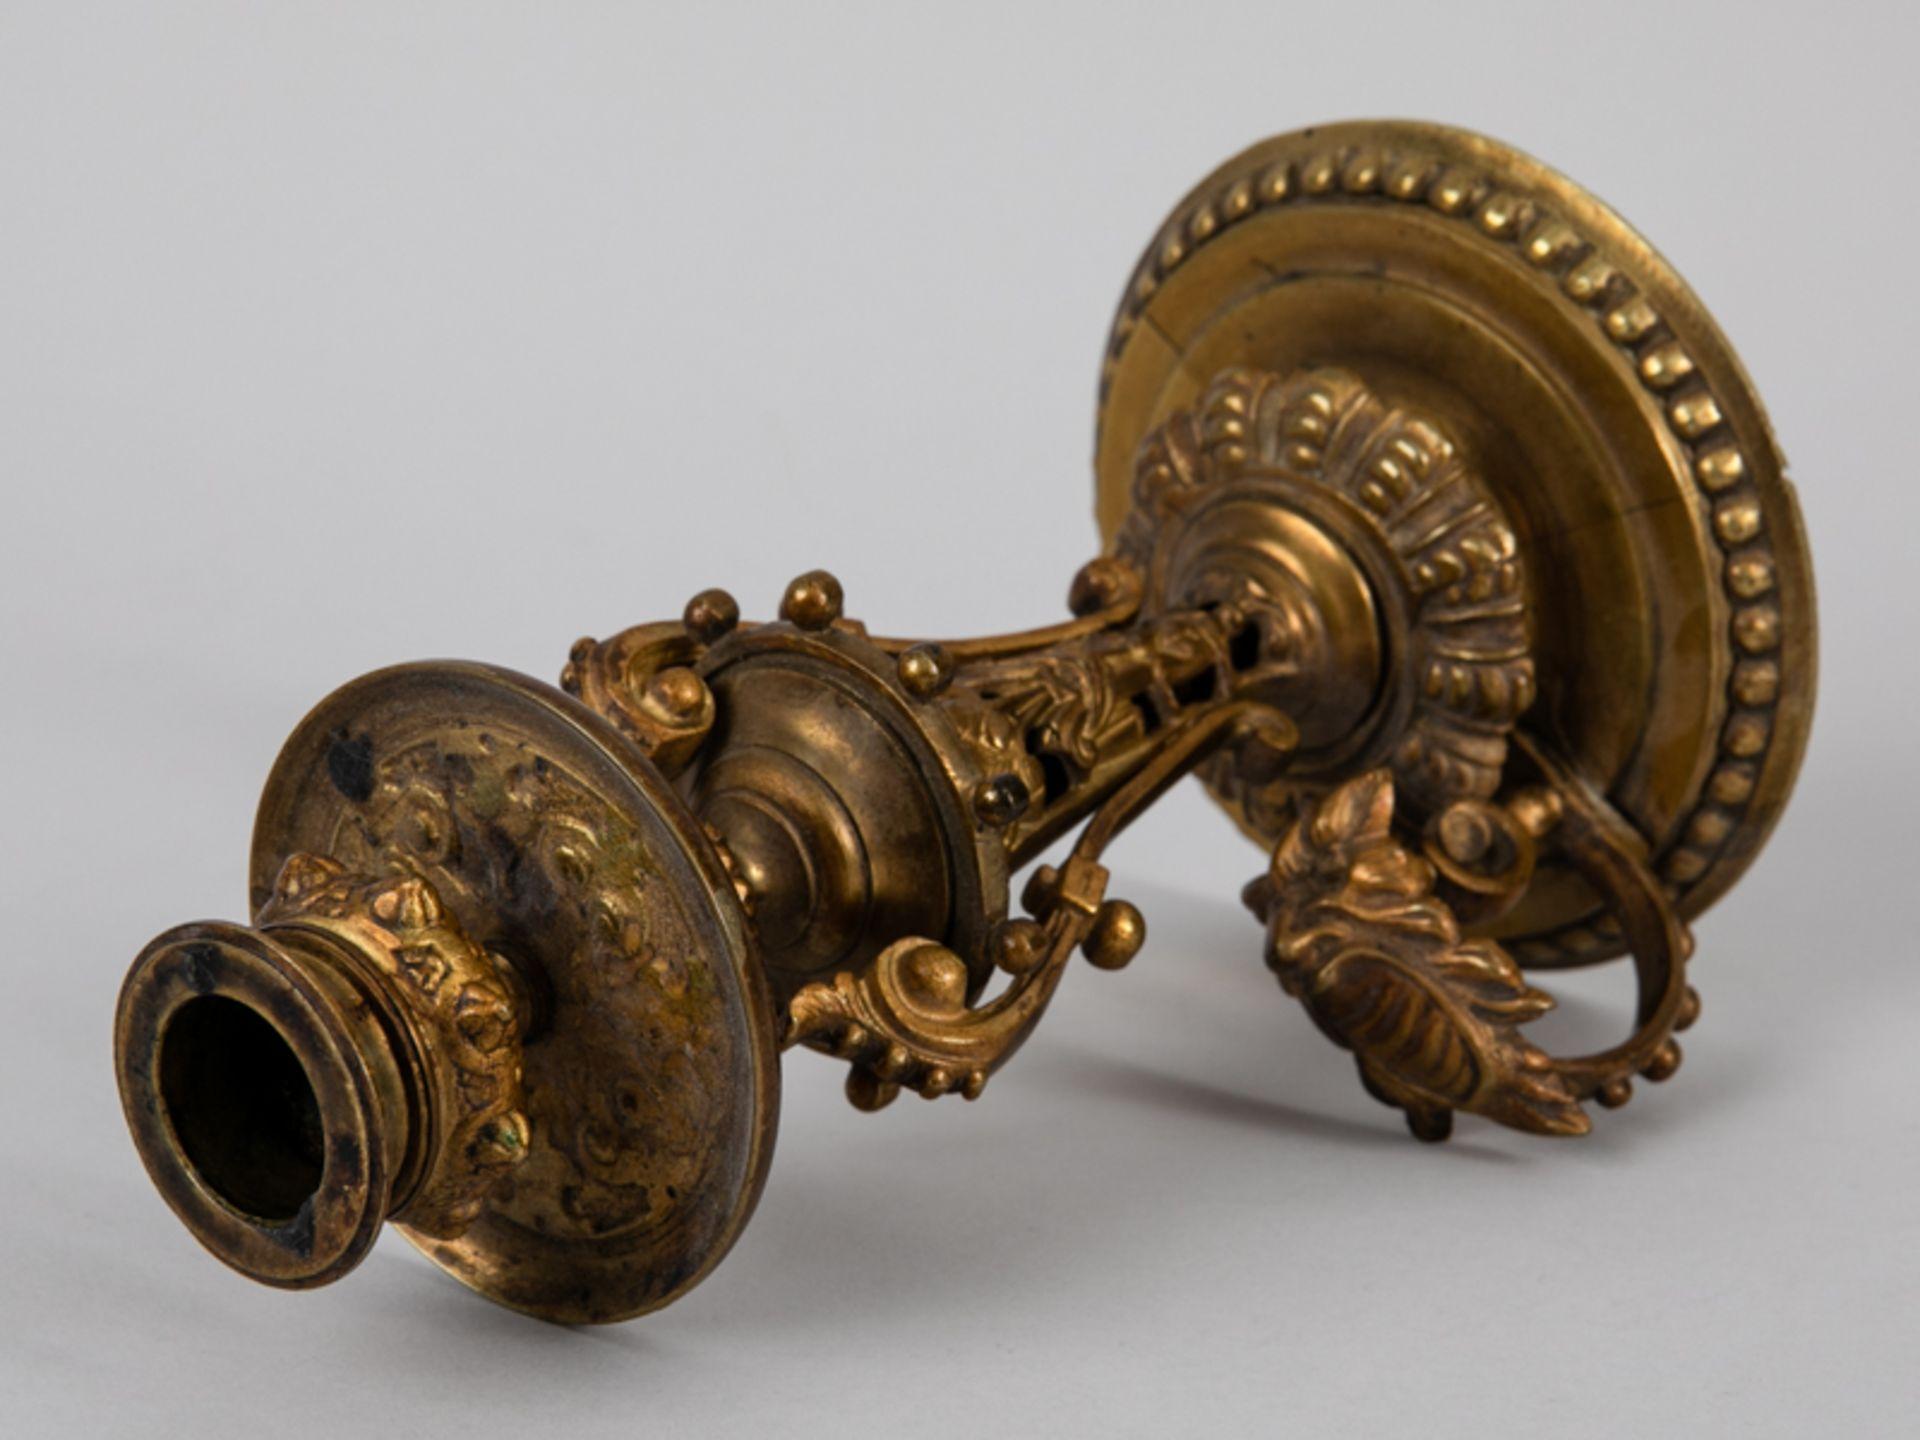 Neo-Renaissance-Einzelleuchter mit Griff, Ende 19. Jh. Zinkguss, vergoldet; mehrgliedrig versch - Bild 3 aus 7